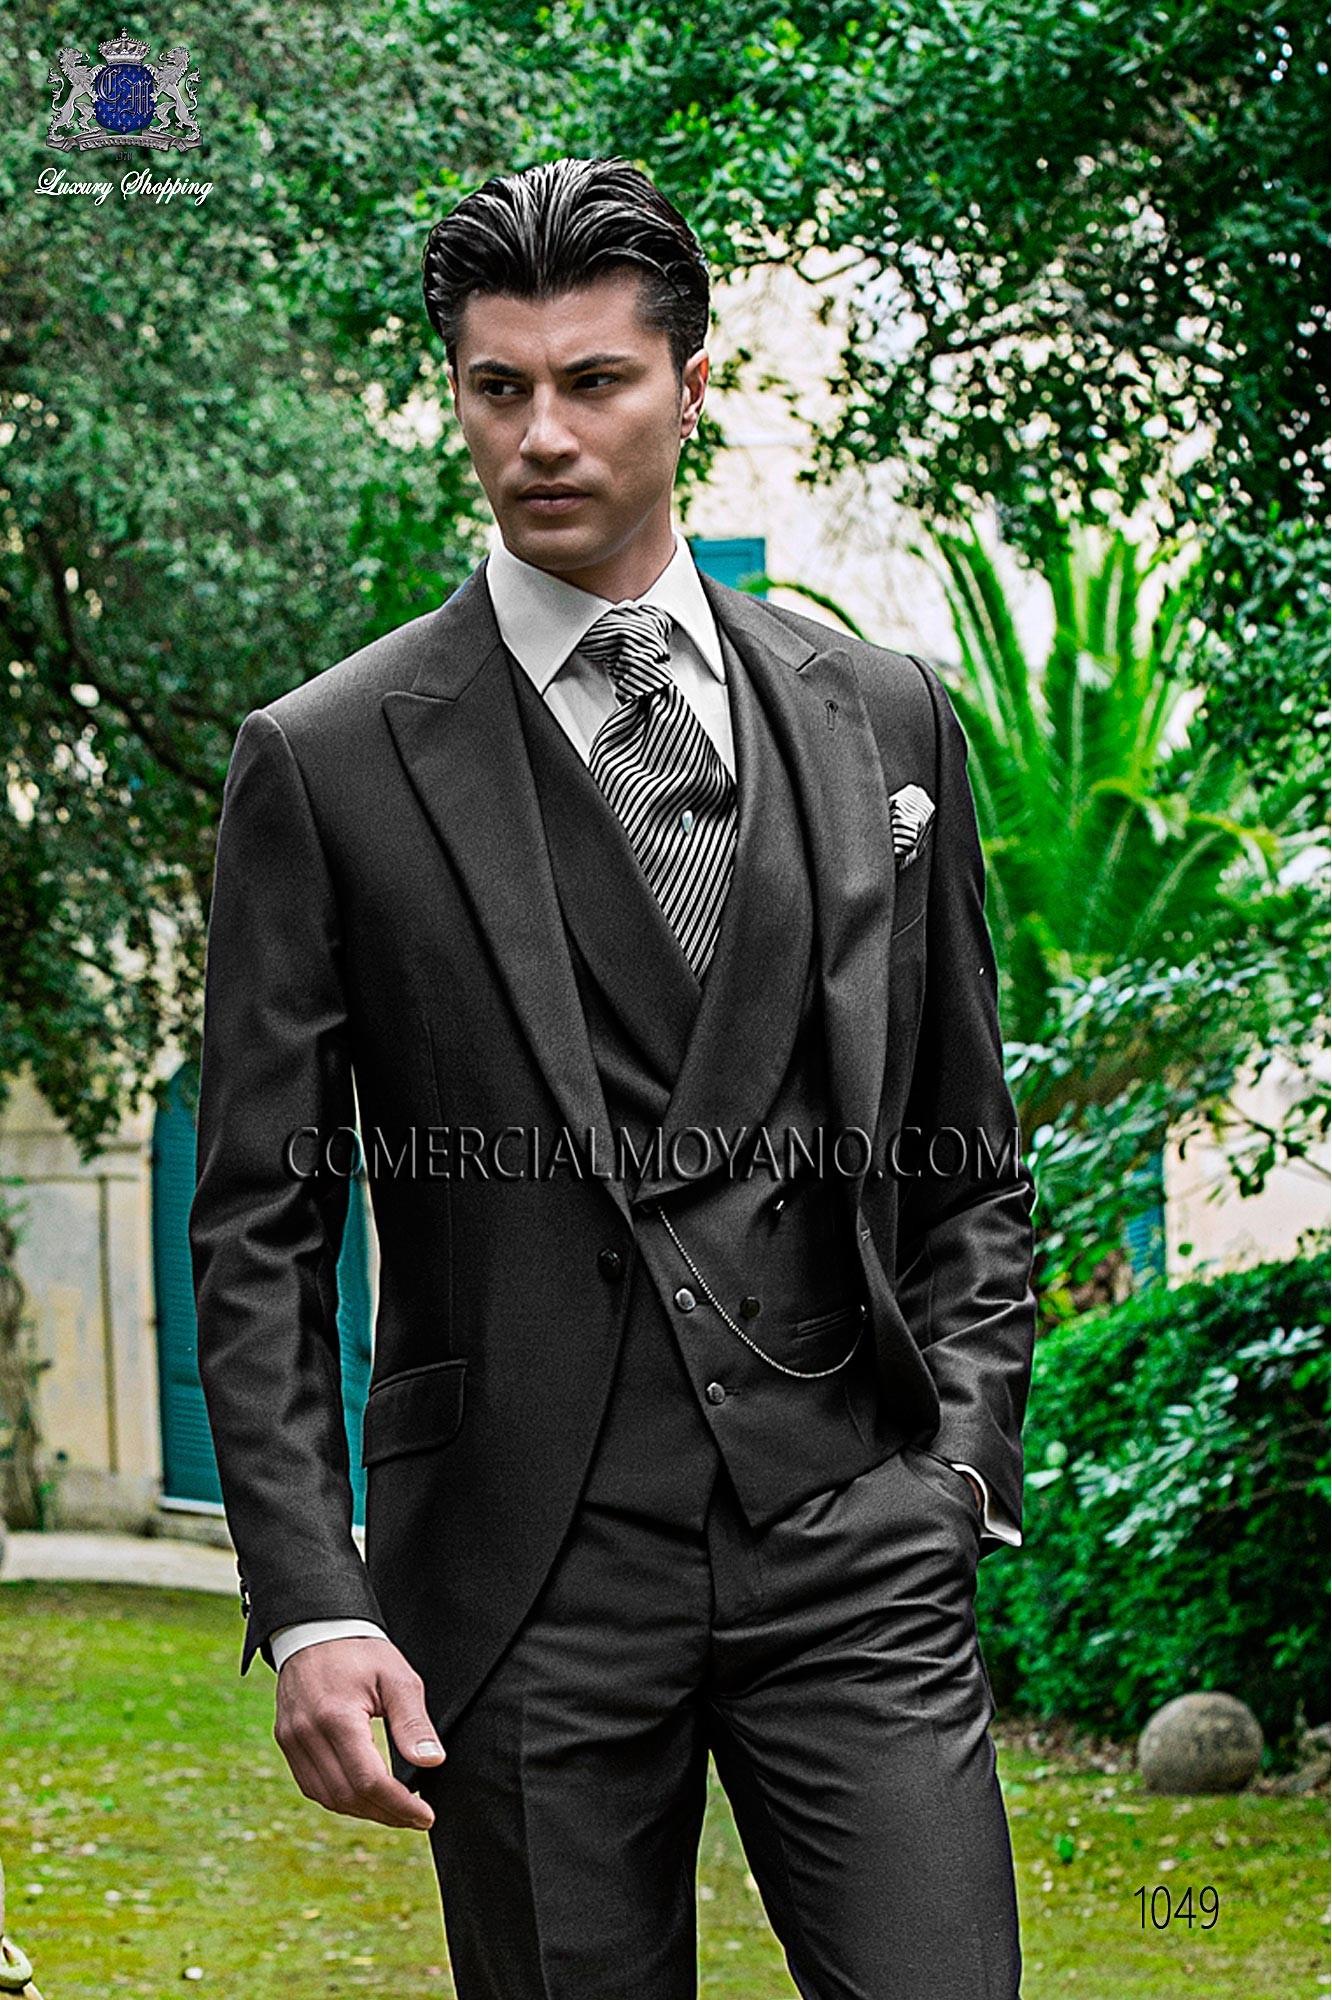 Traje Fashion de novio gris modelo: 1049 Ottavio Nuccio Gala colección Fashion 2017